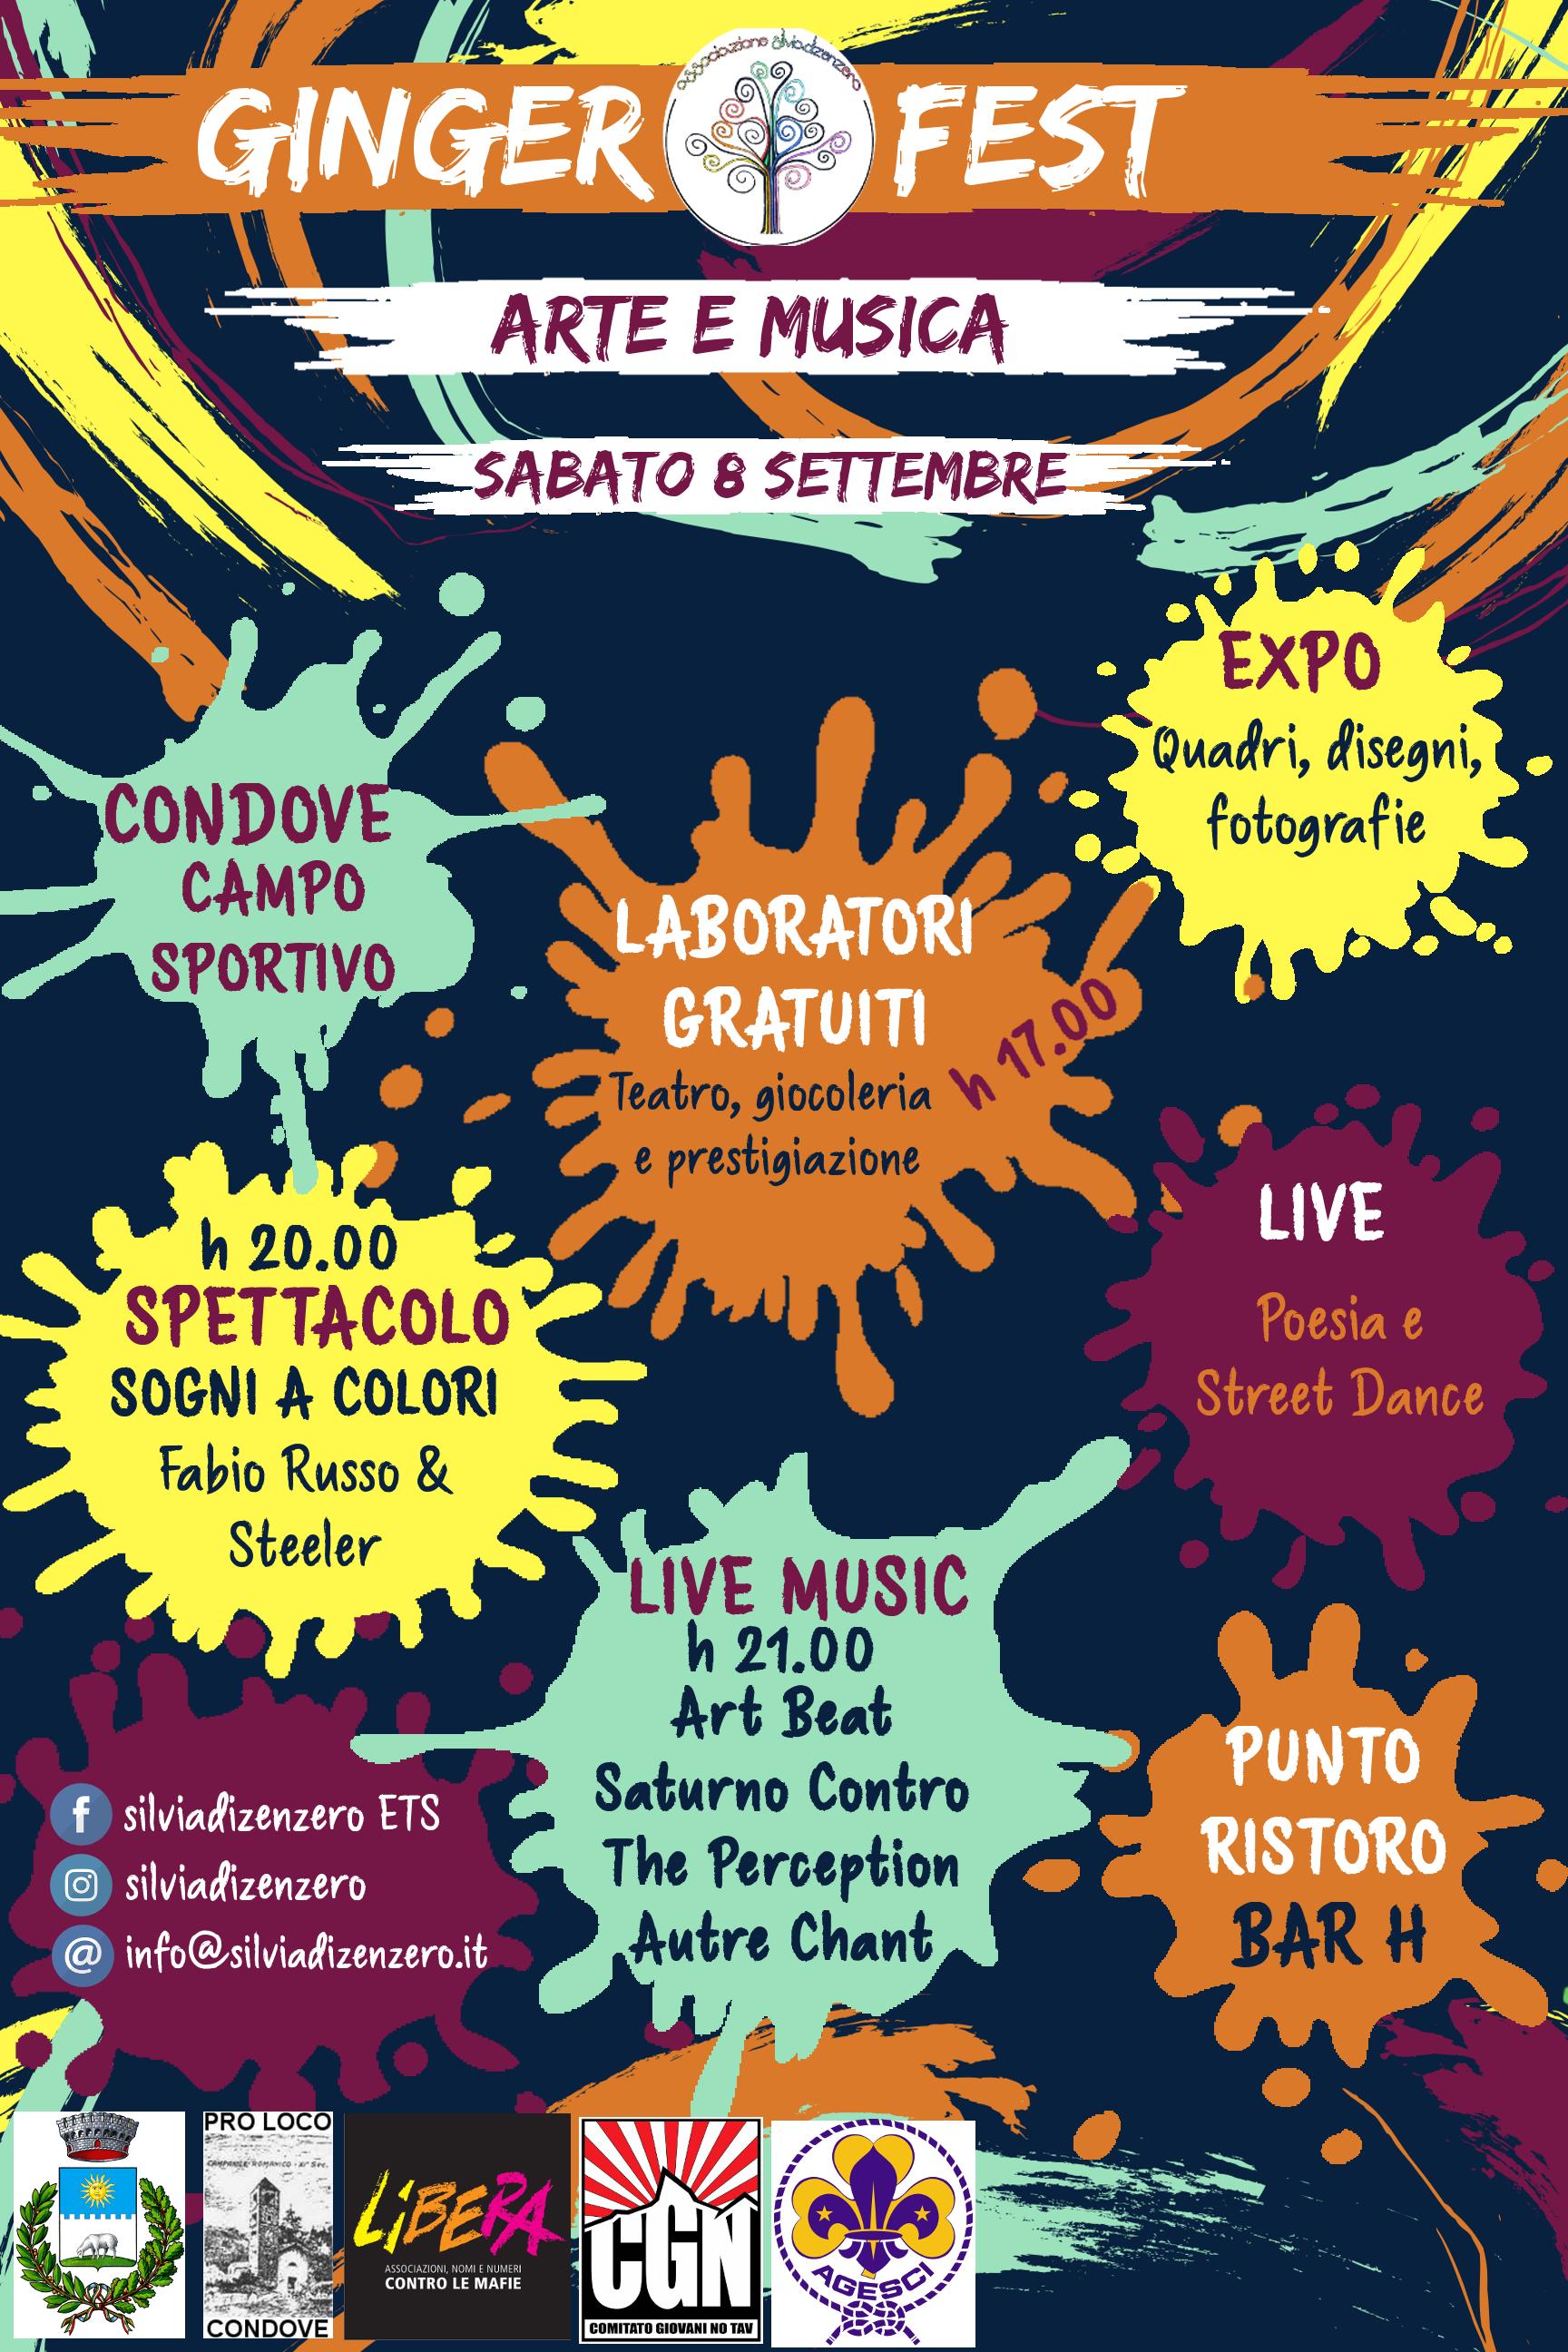 Immagine della notizia Ginger Fest – Arte e Musica